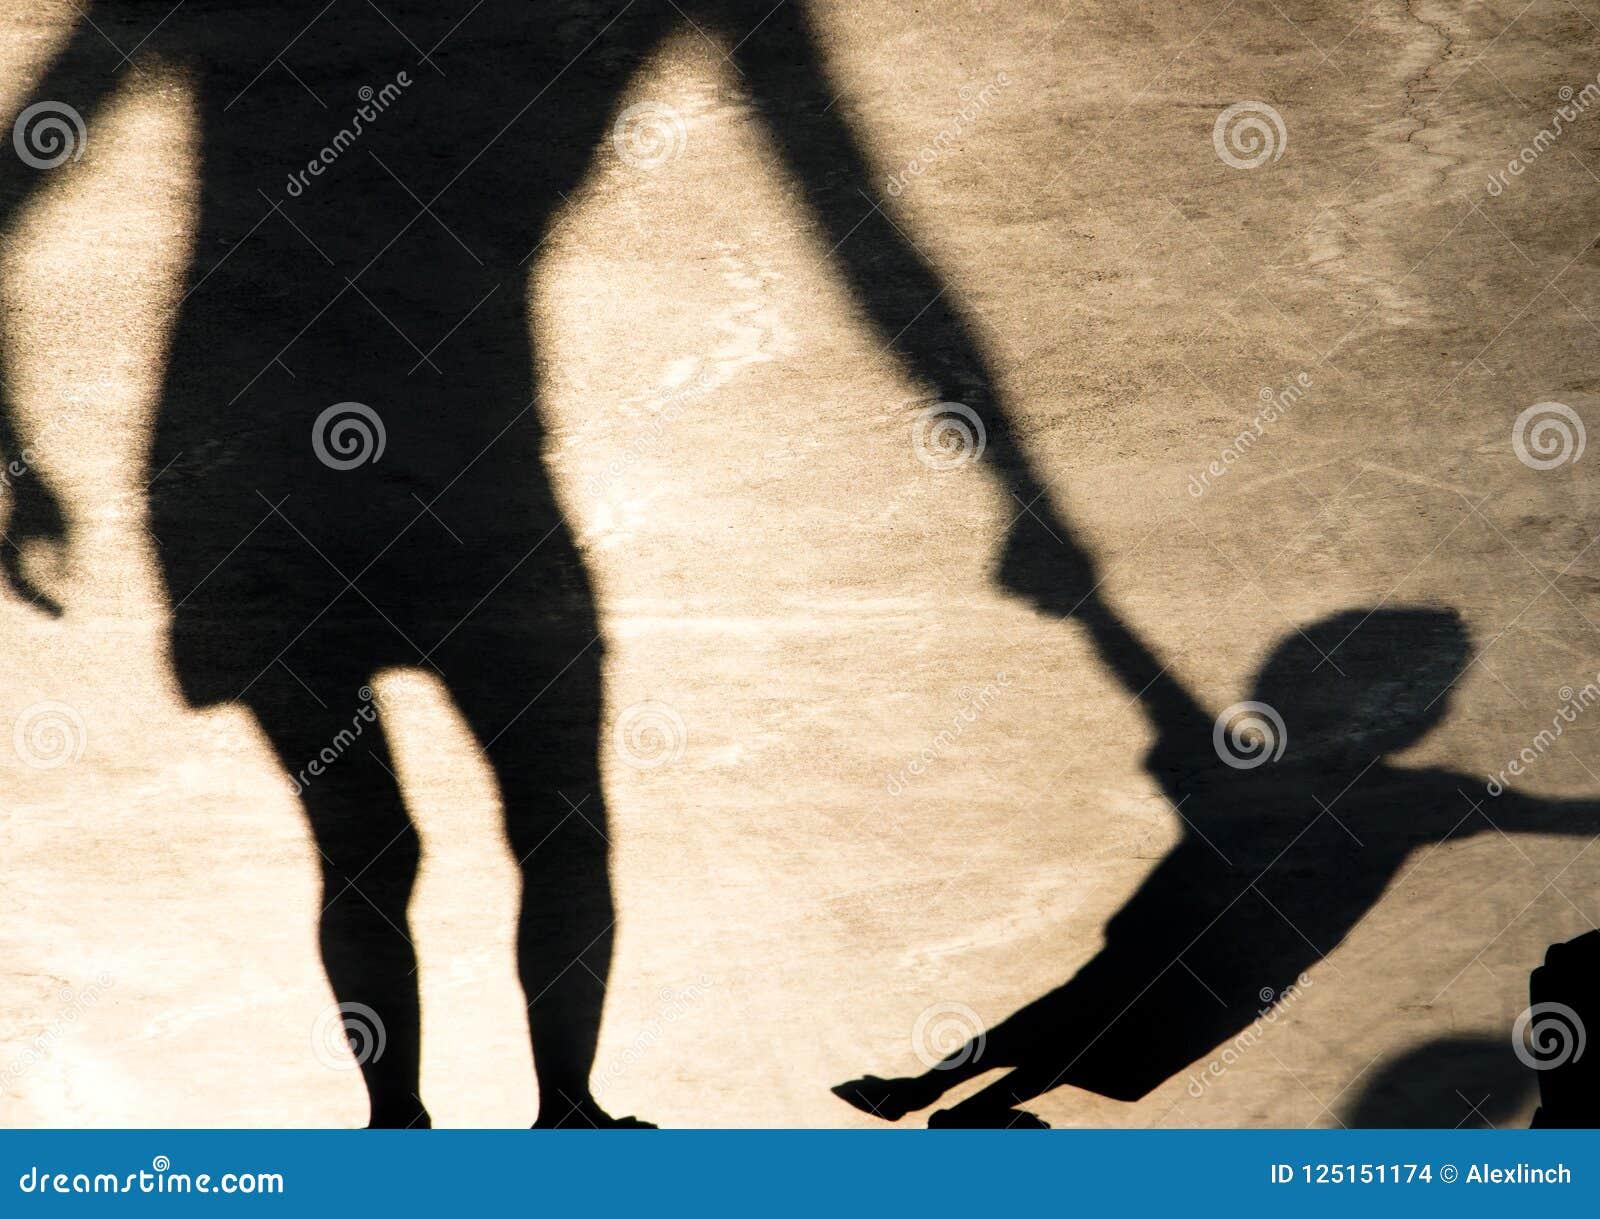 Sombrea siluetas de la madre y del niño en la  promenade  del verano